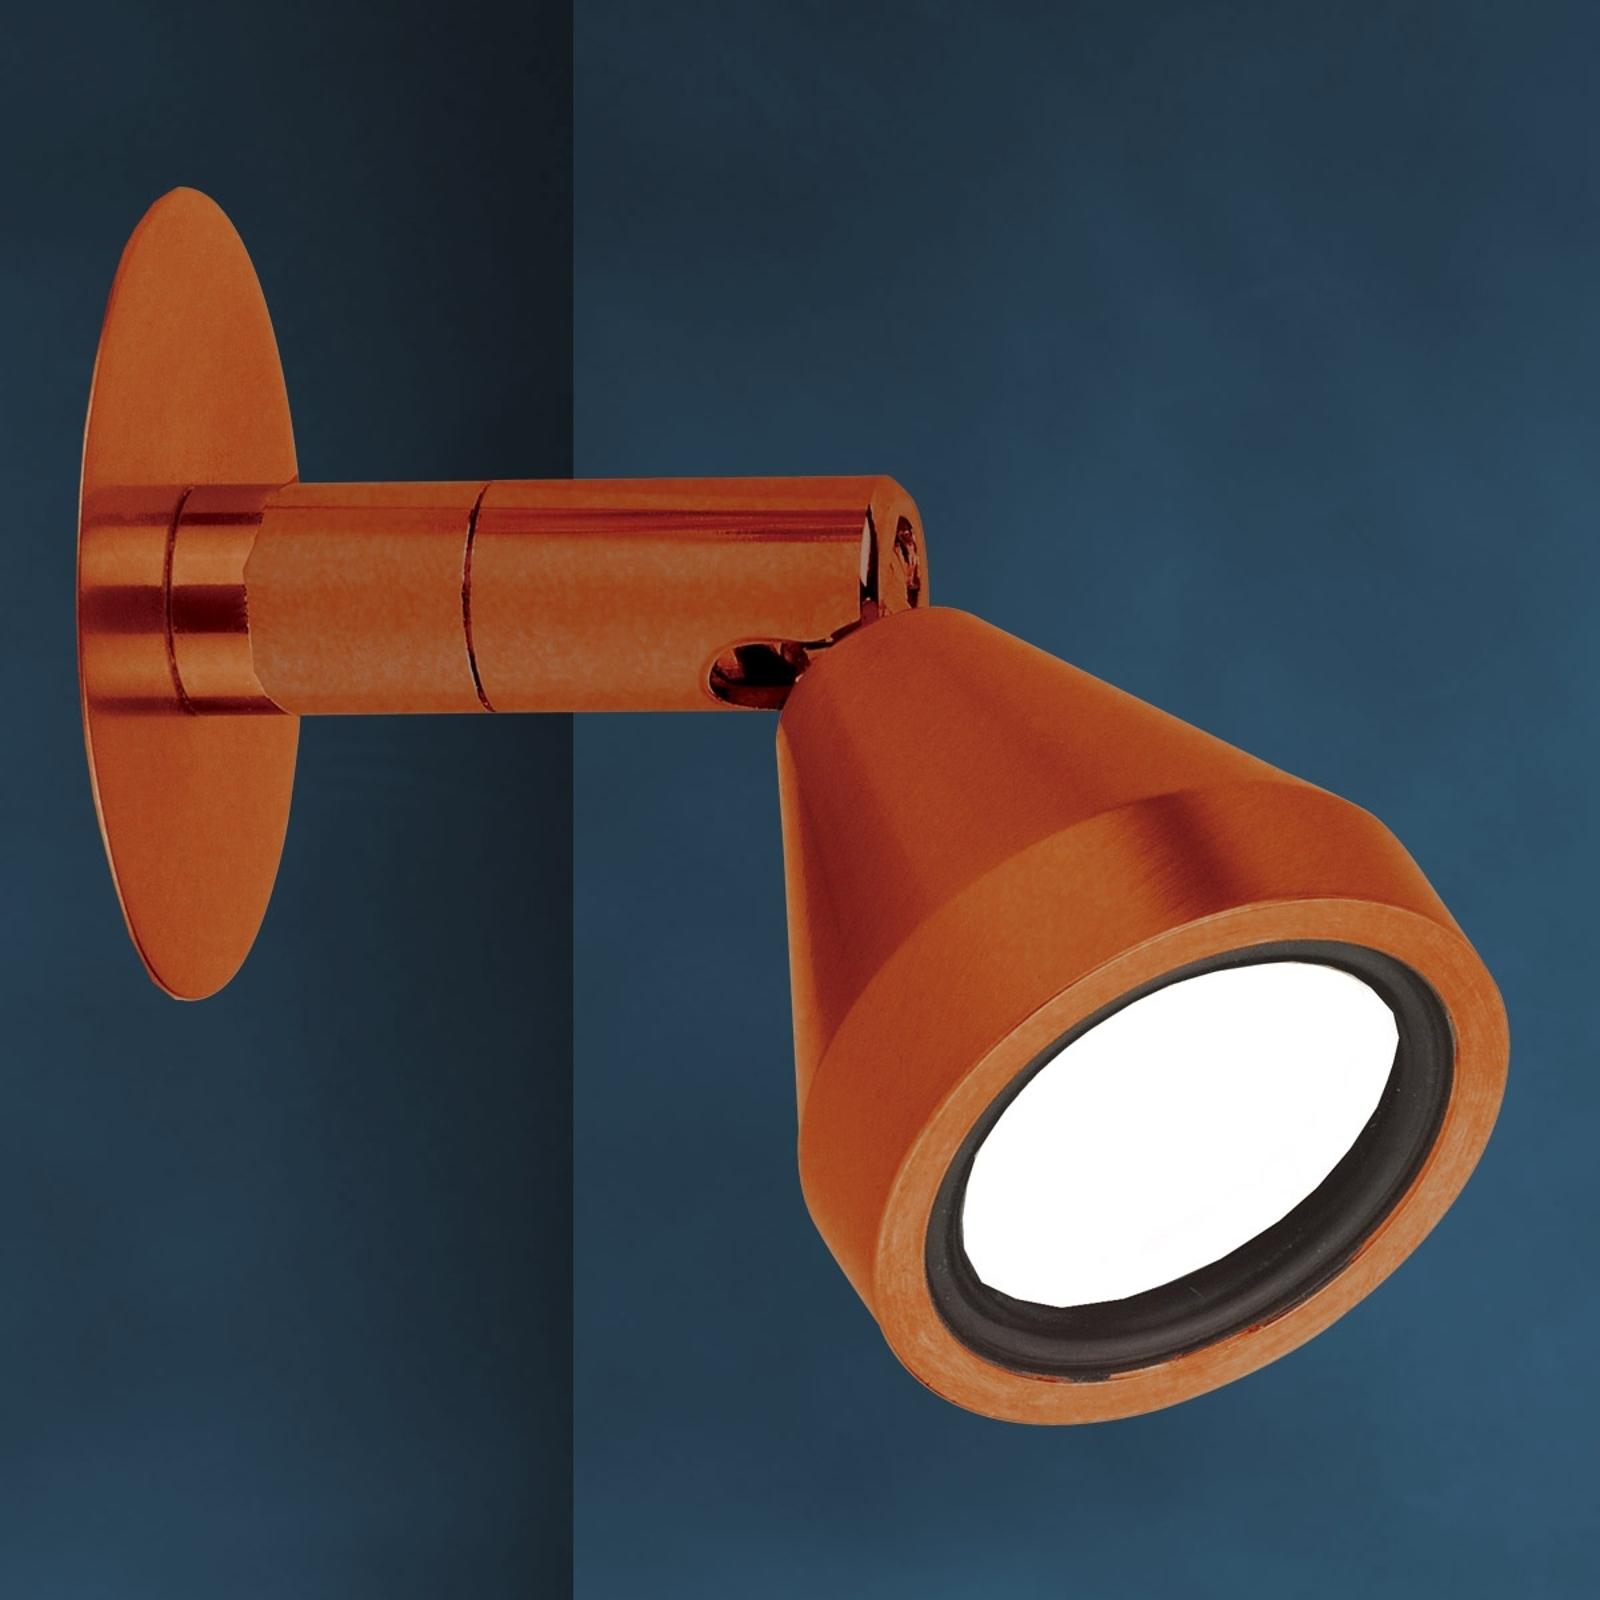 Bronzové nástenné LED svetlo MINI antické_1524054_1